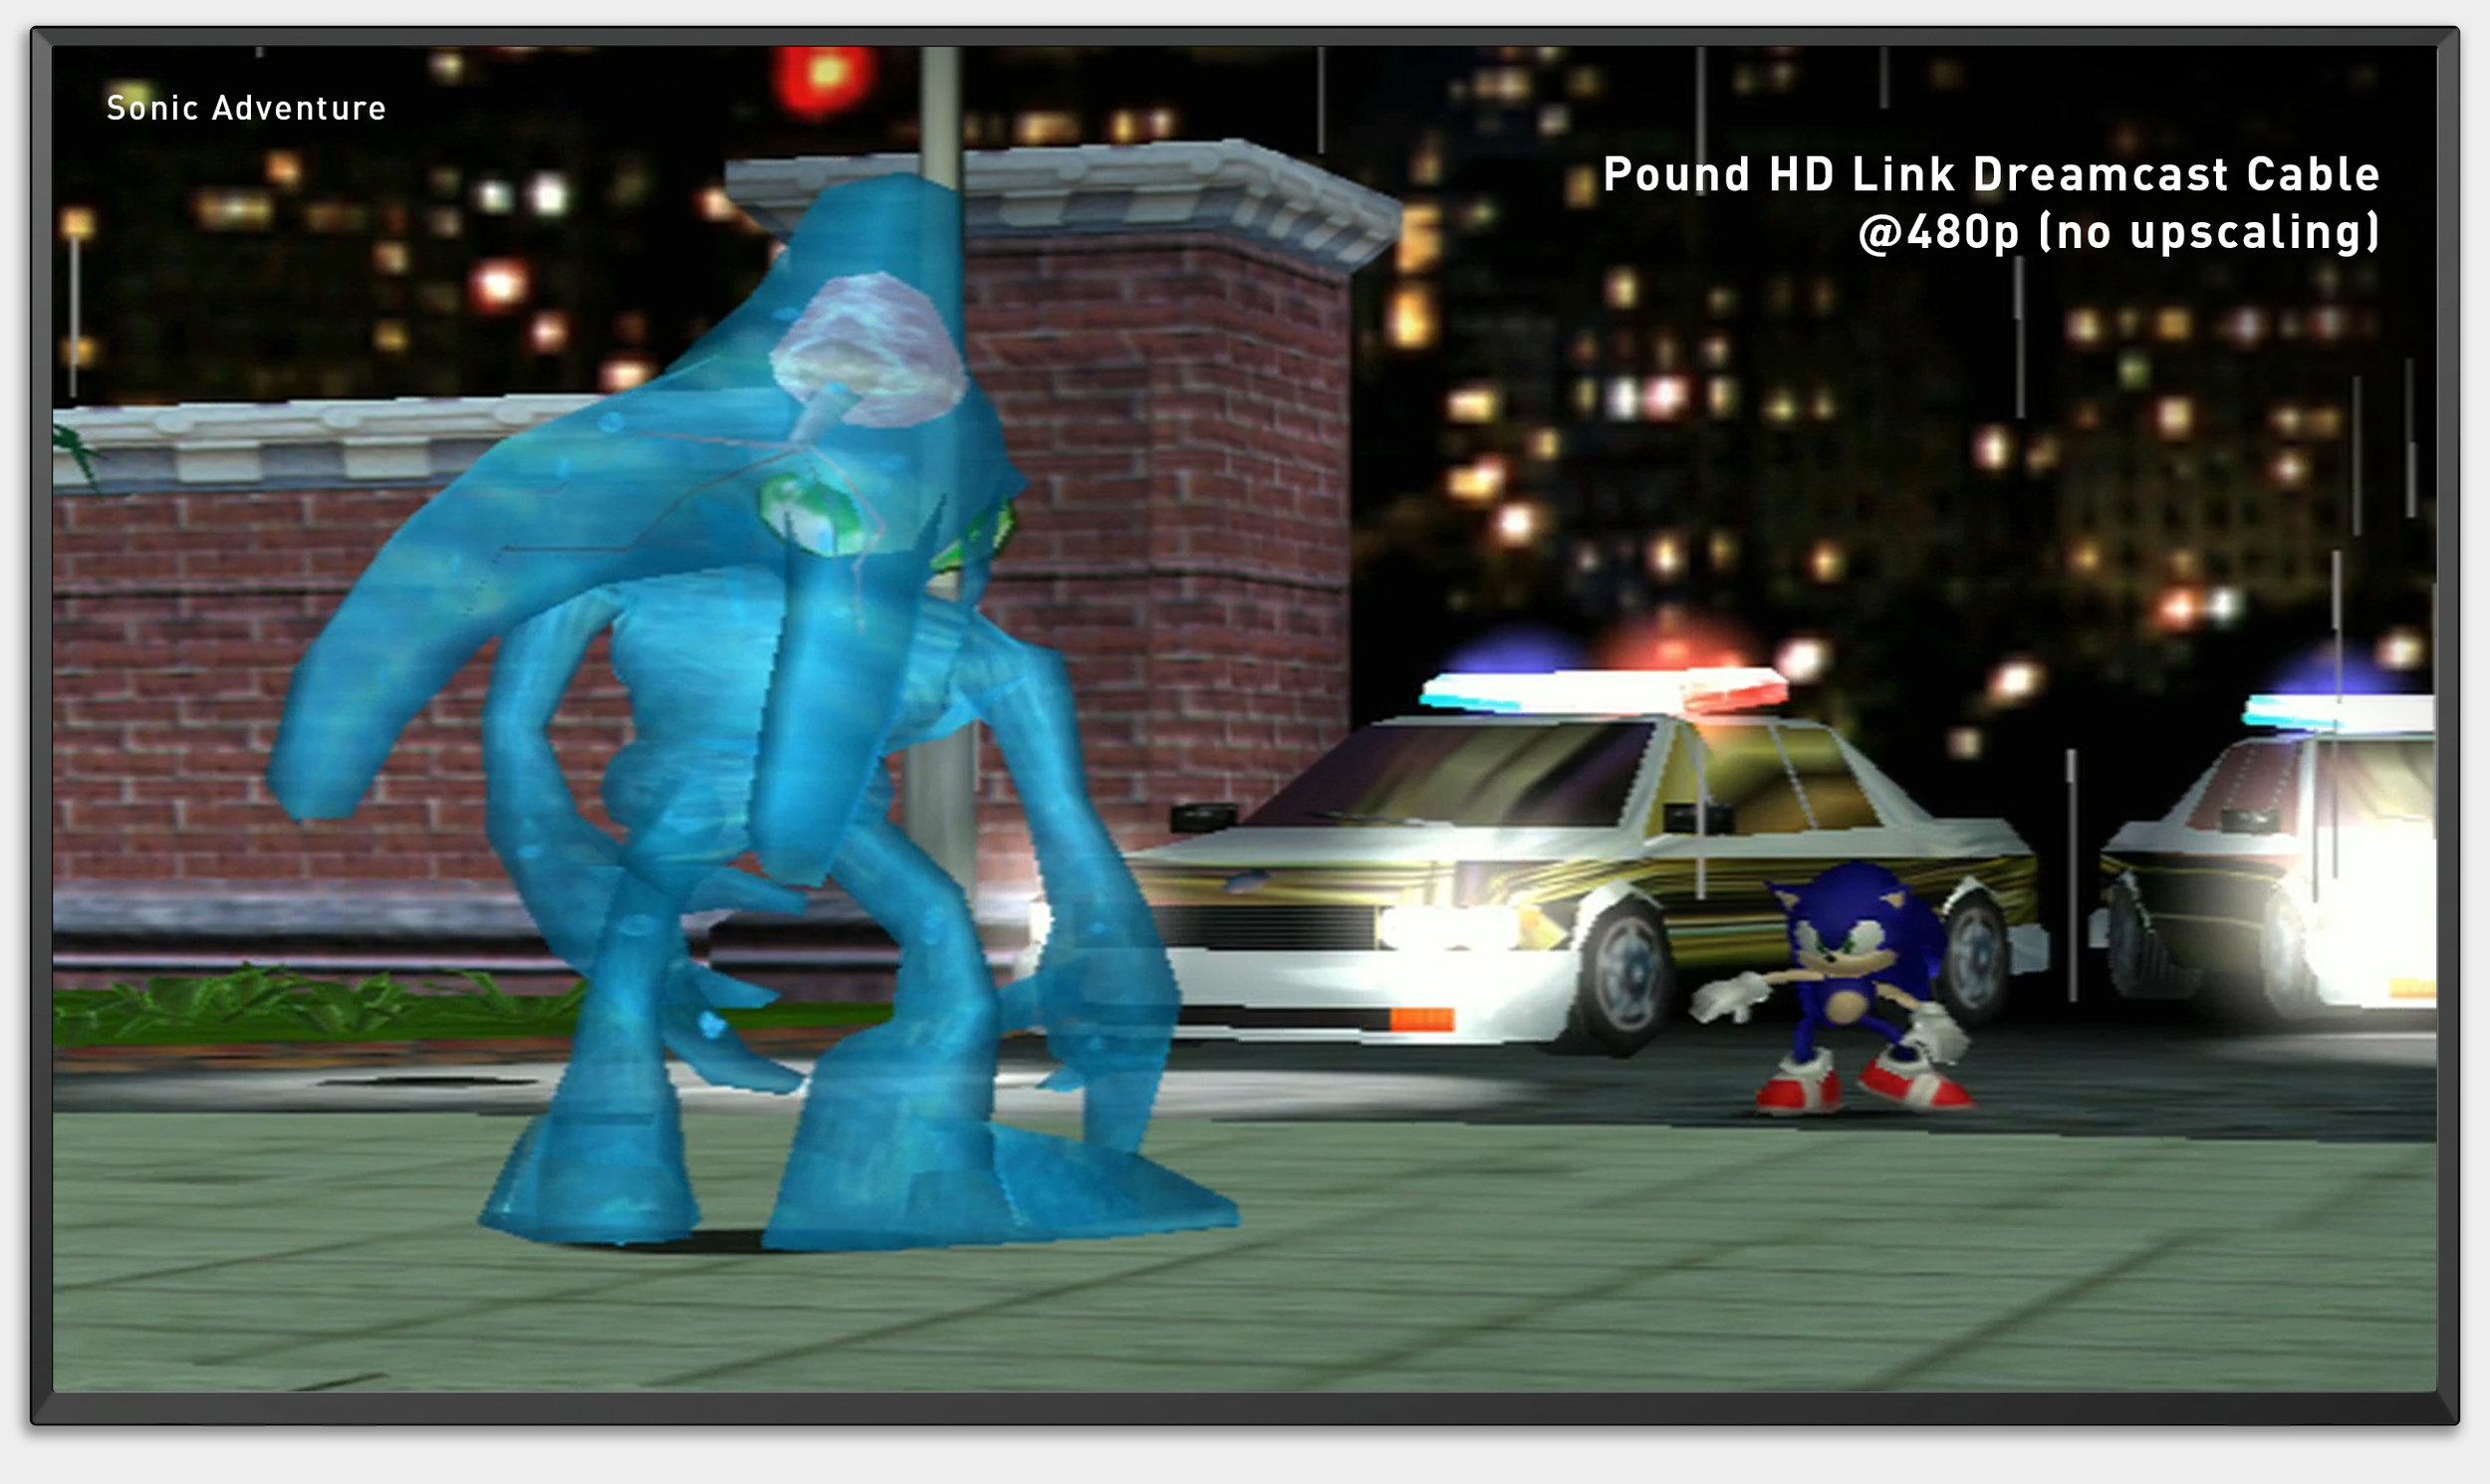 TV_Dreamcast_Pound.png